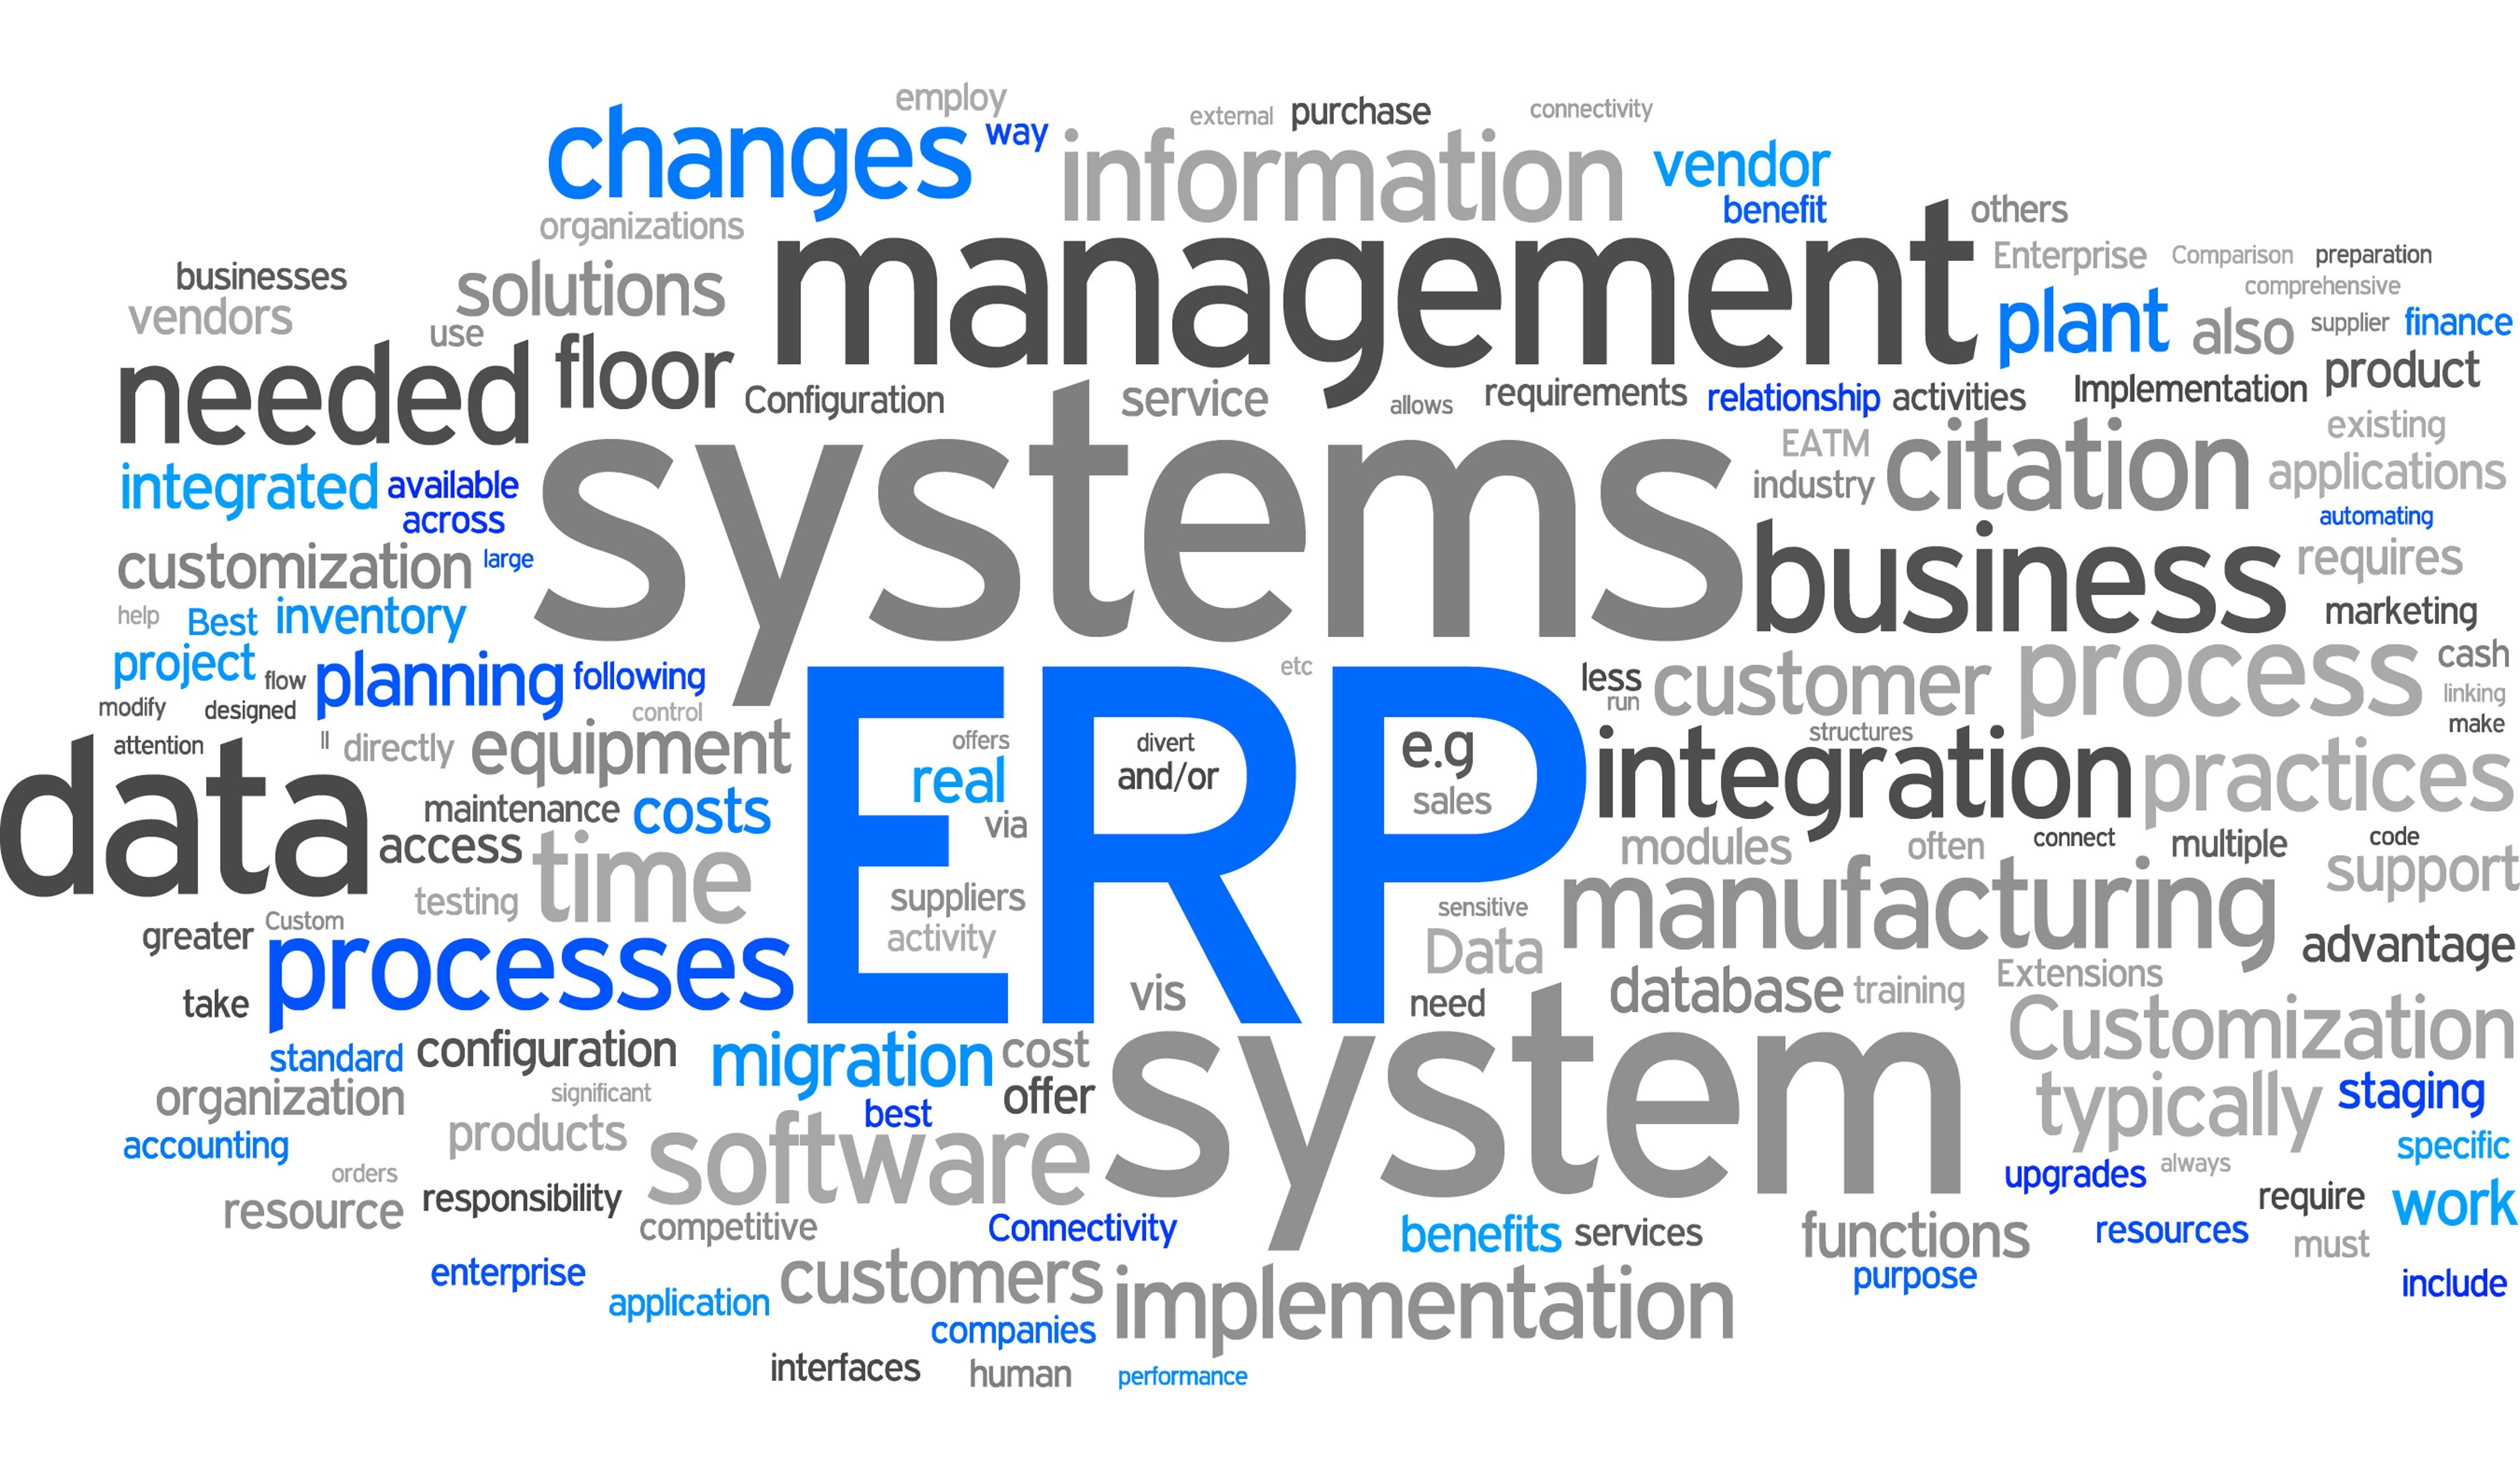 Top Functionality Needs of ERP Buyers